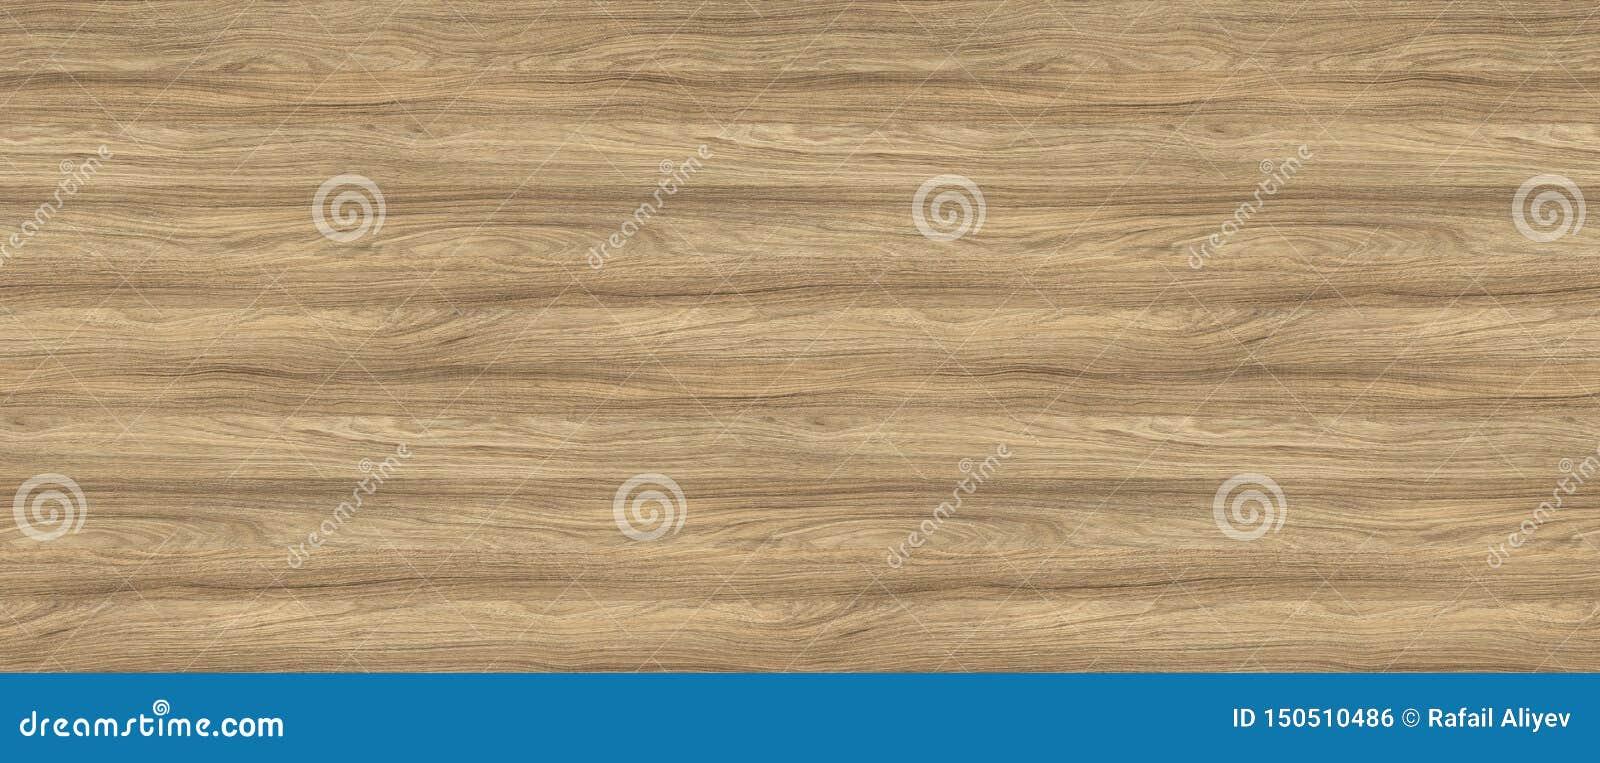 Textura de madeira natural para o interior